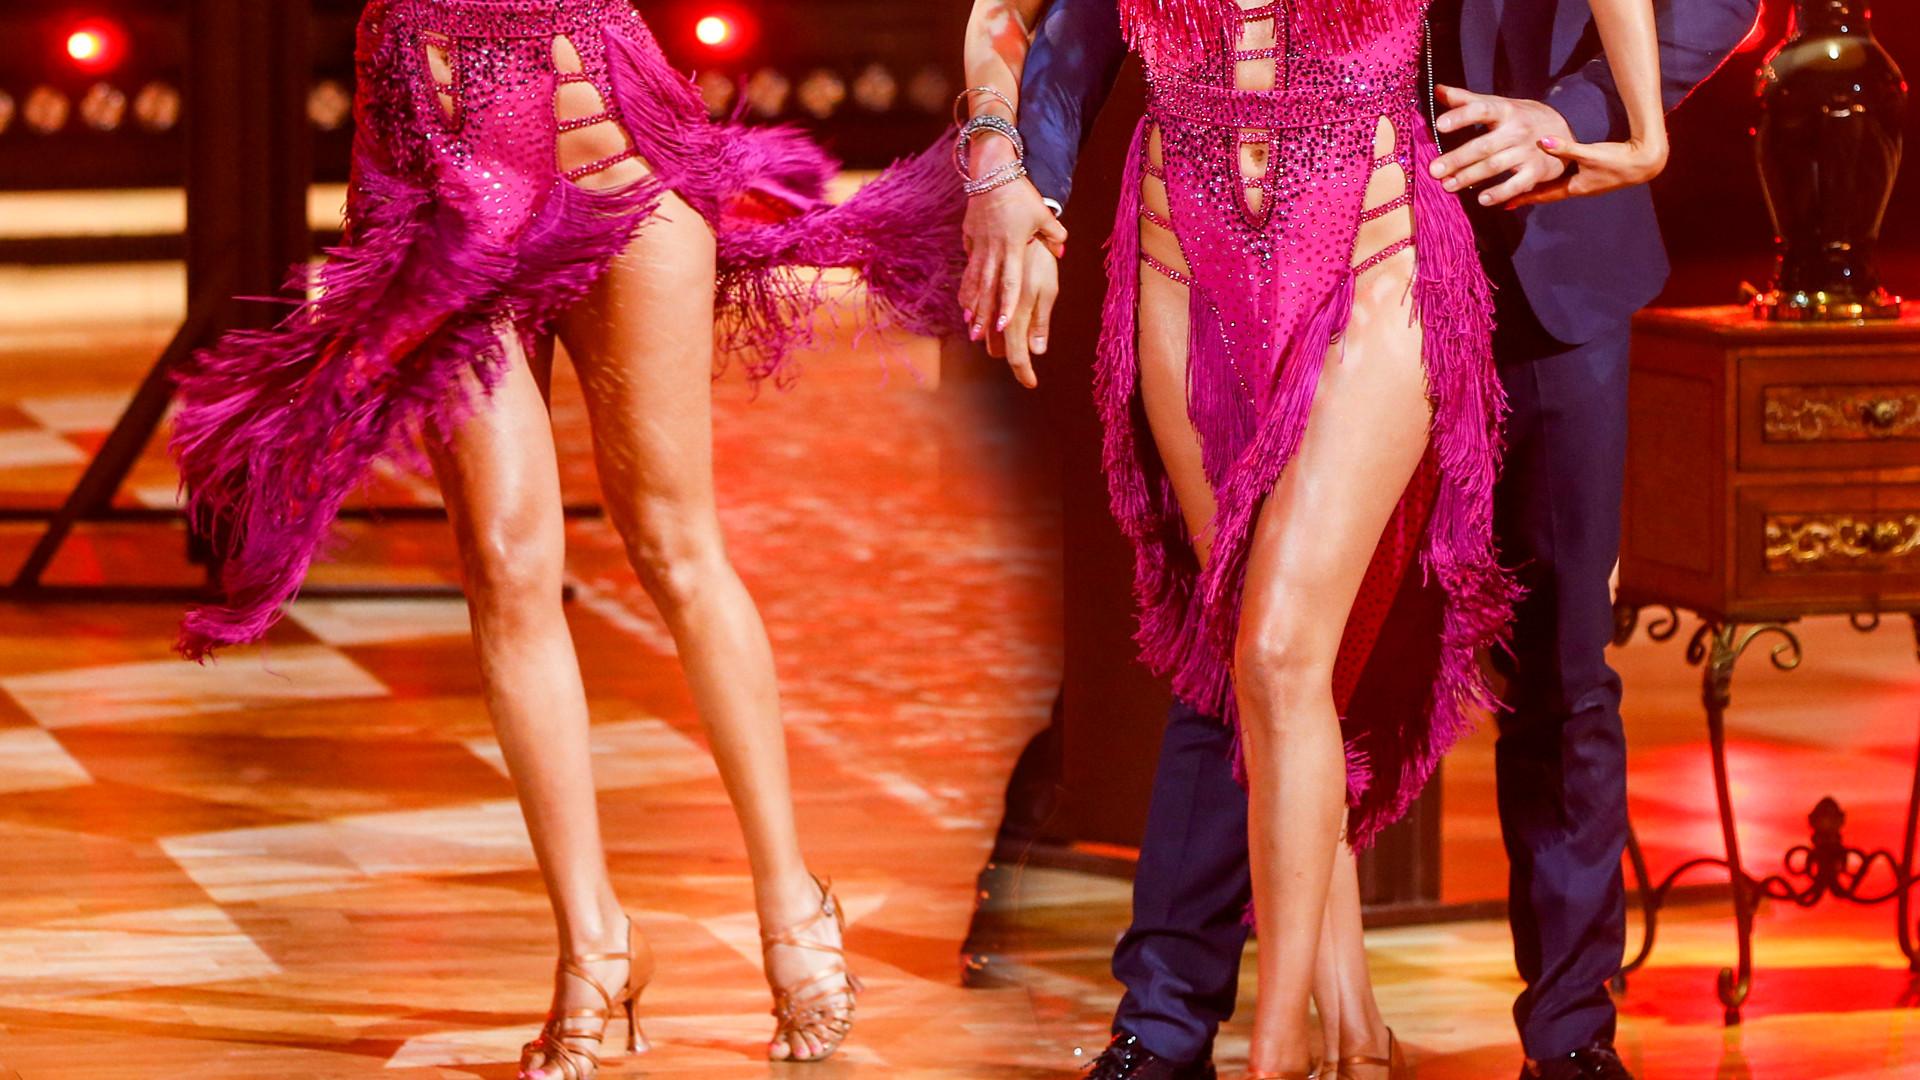 WOW! Ta uczestniczka Tańca z gwiazdami może się pochwalić genialną figurą! (ZDJĘCIA)